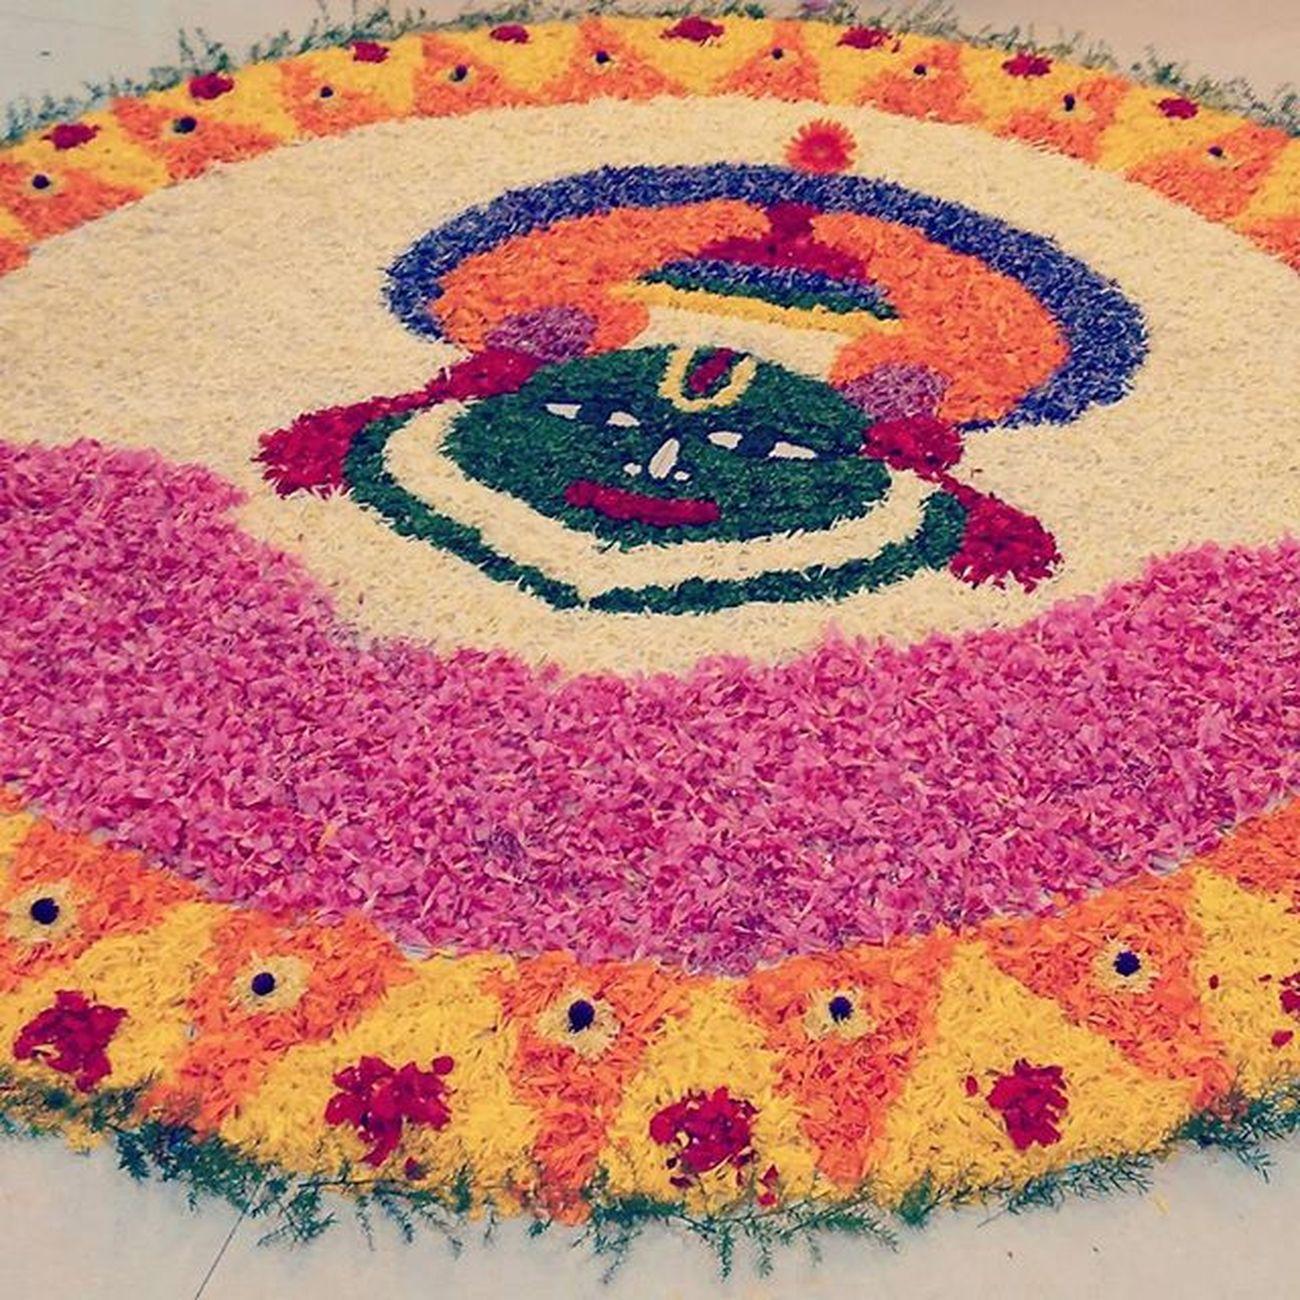 Onam Bengaluru Pieceofart Dimensiondata Instalike Instagood Instaevening